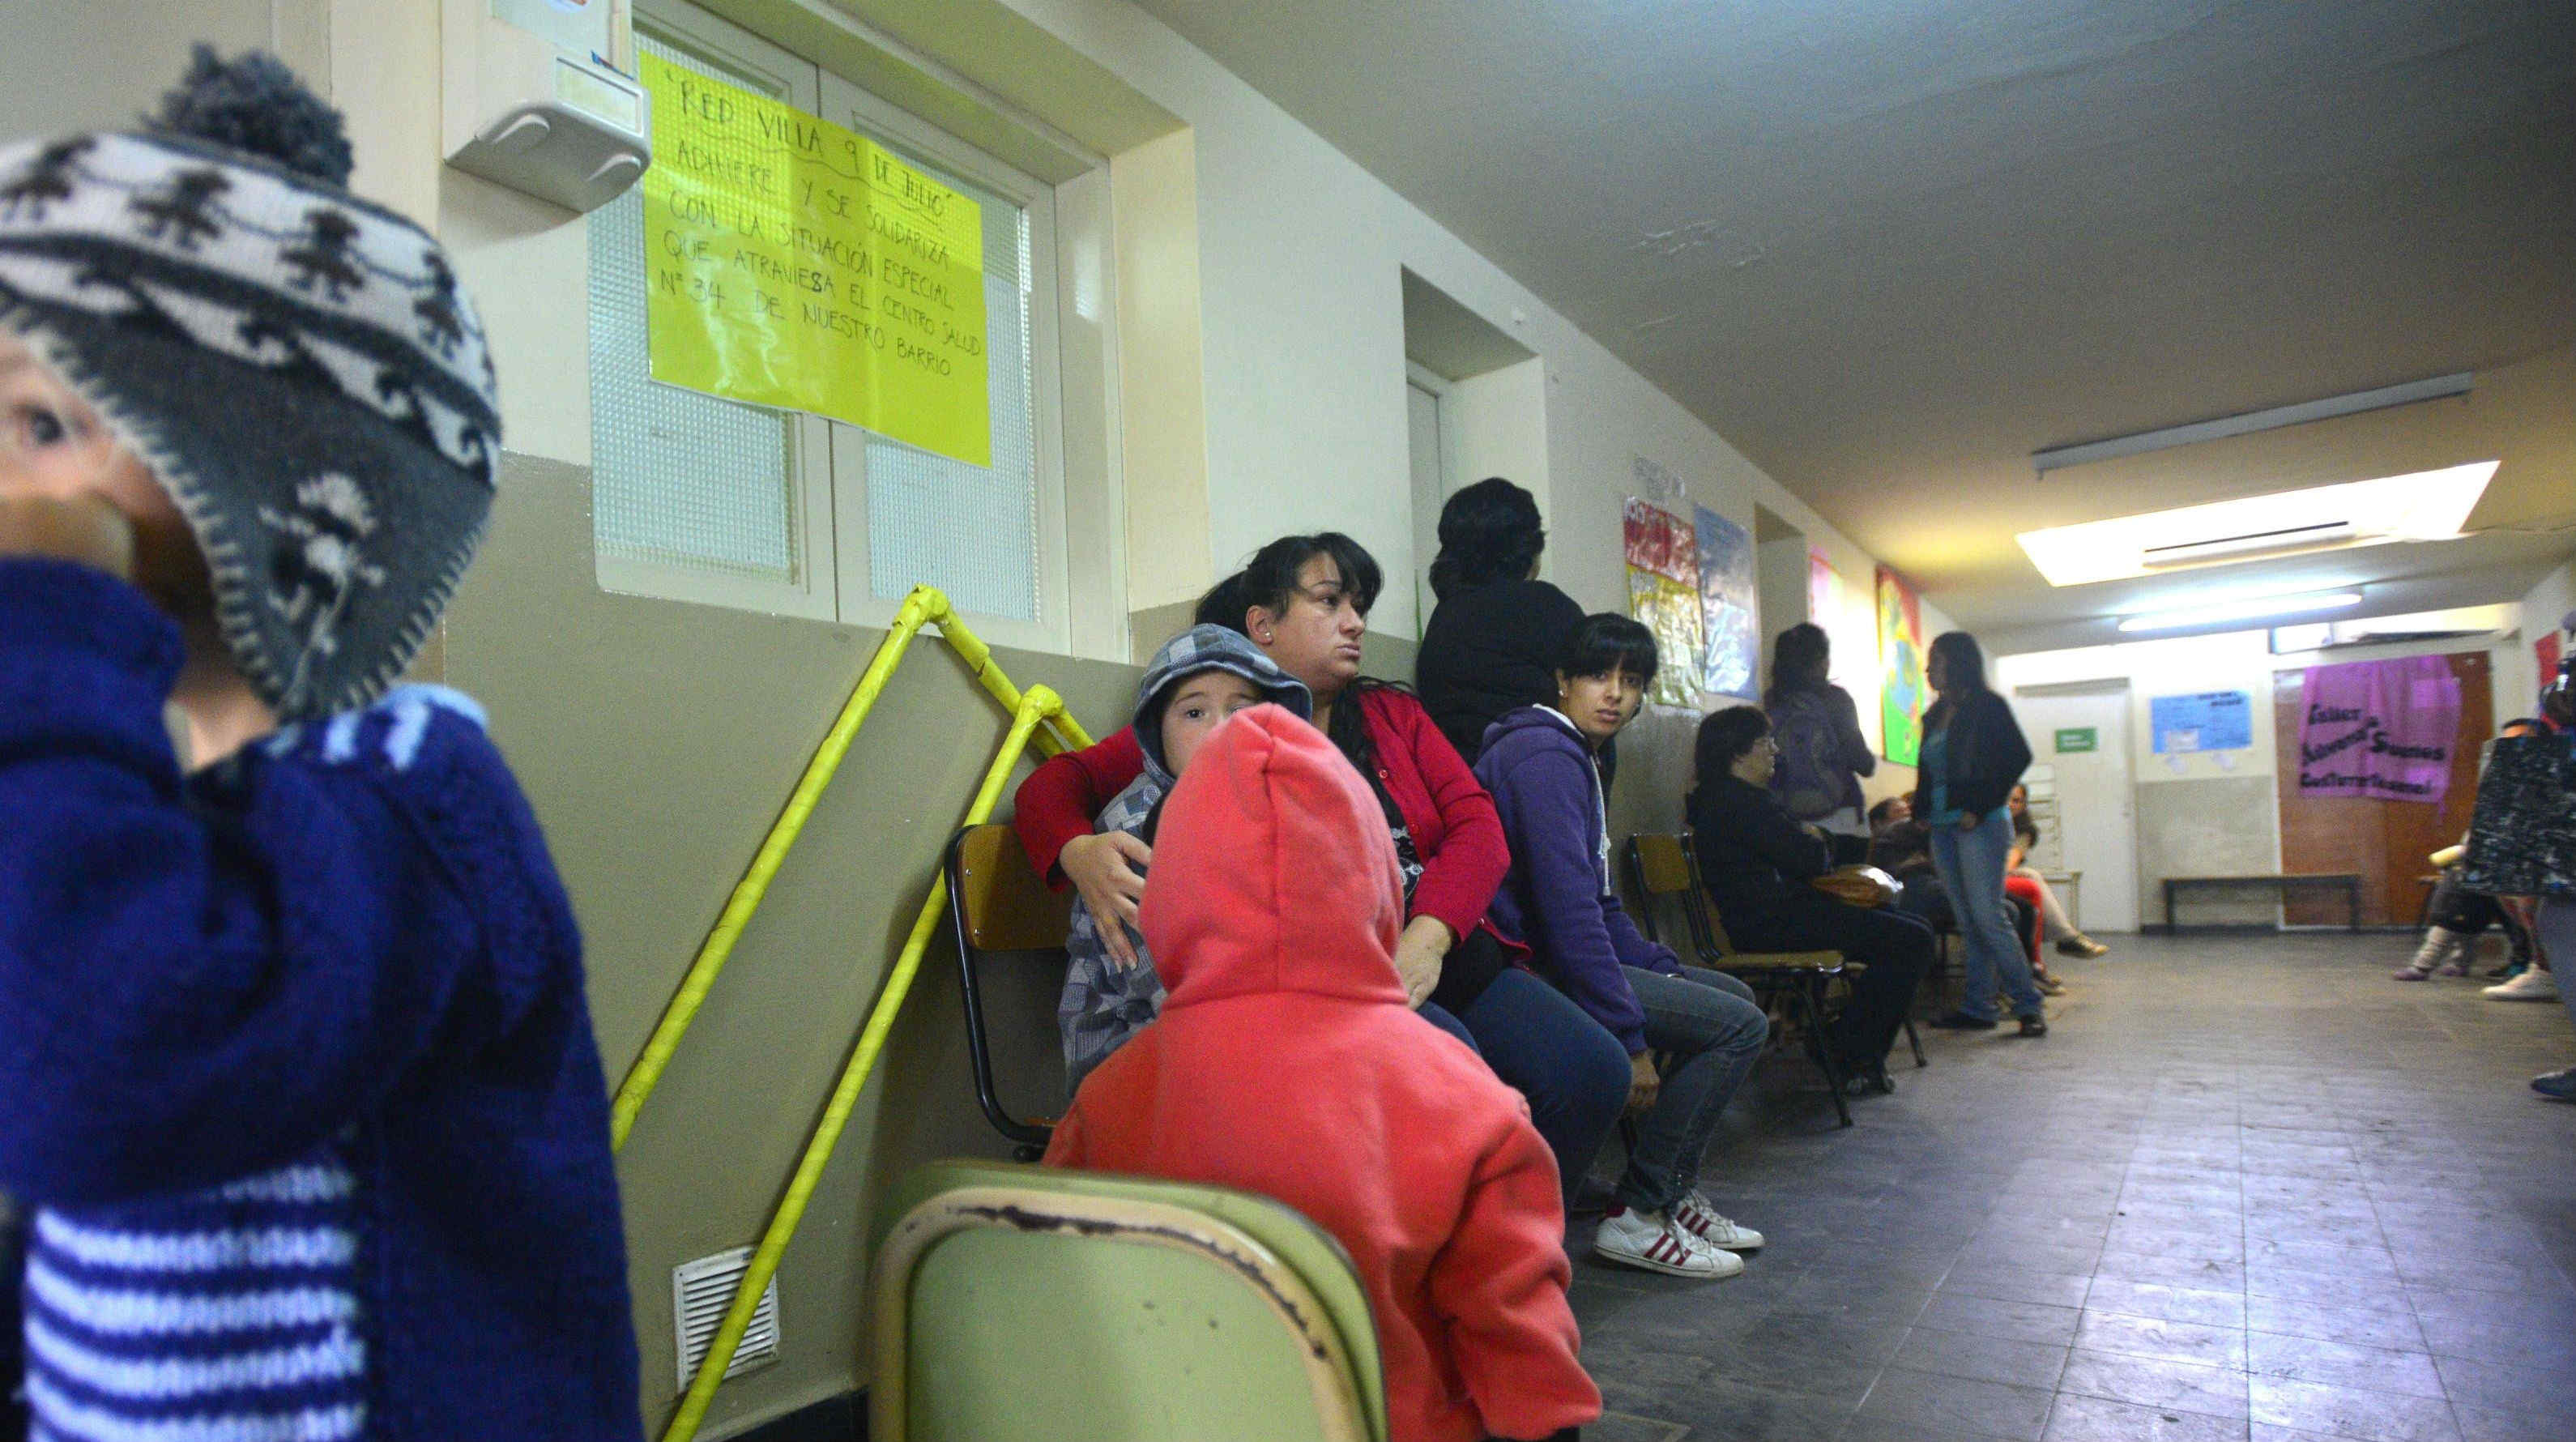 Horario extendido en los dispensarios la propuesta for Horario ministerio del interior